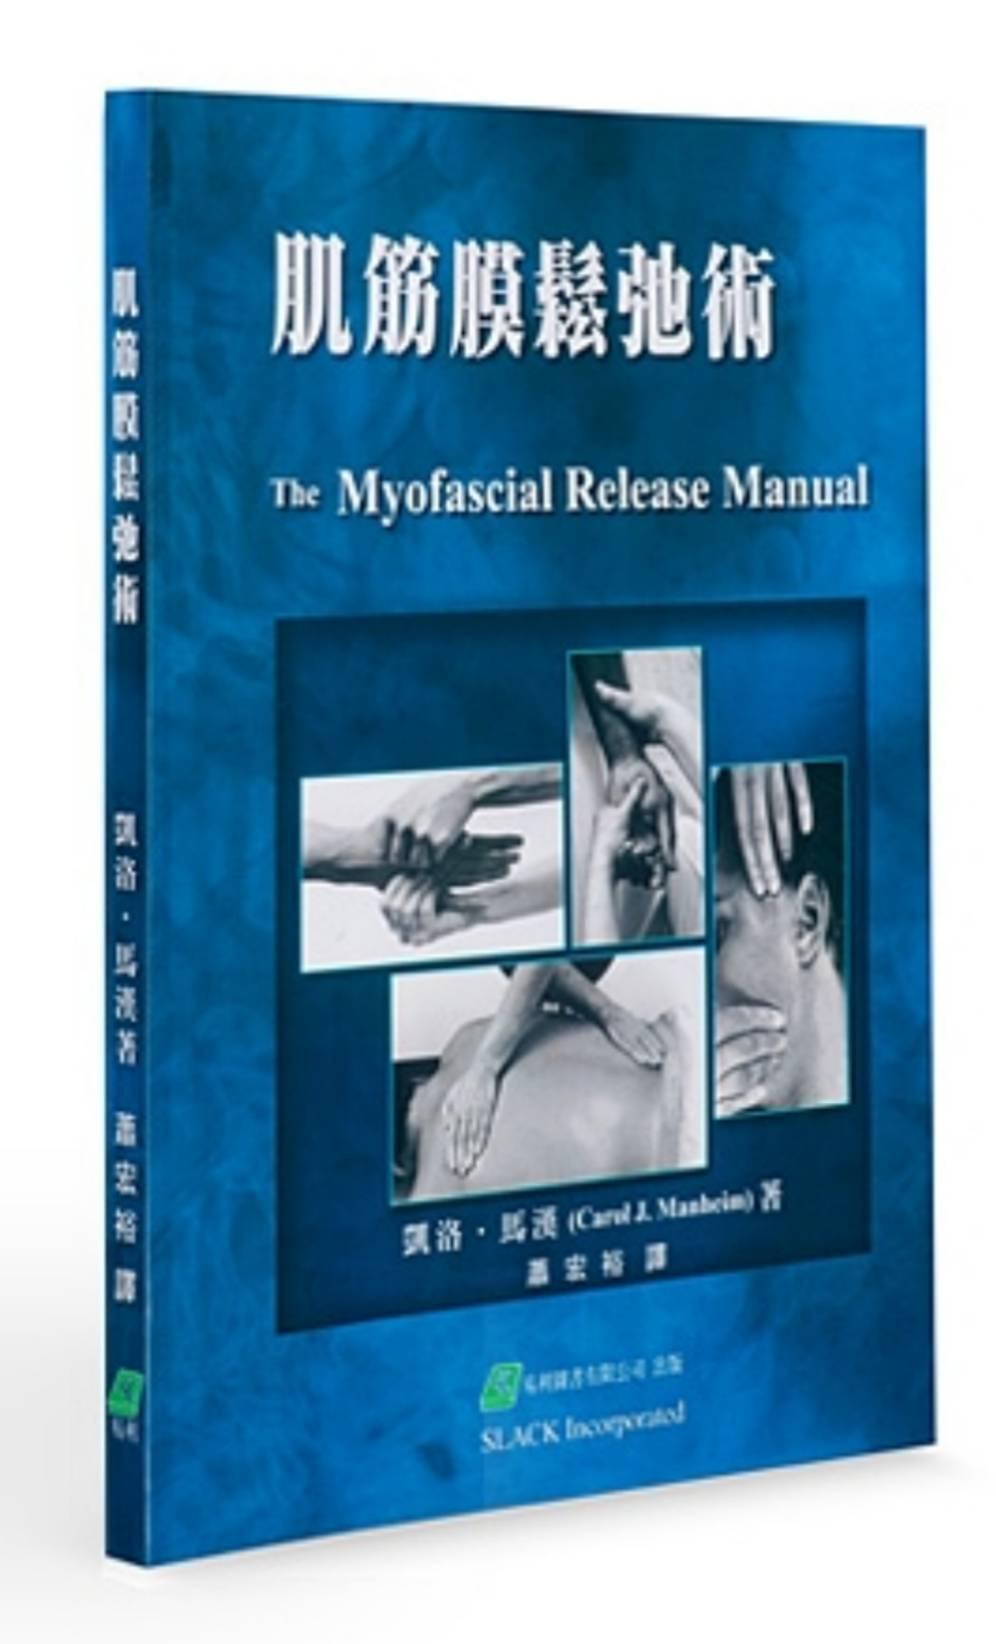 肌筋膜鬆弛術1.jpg